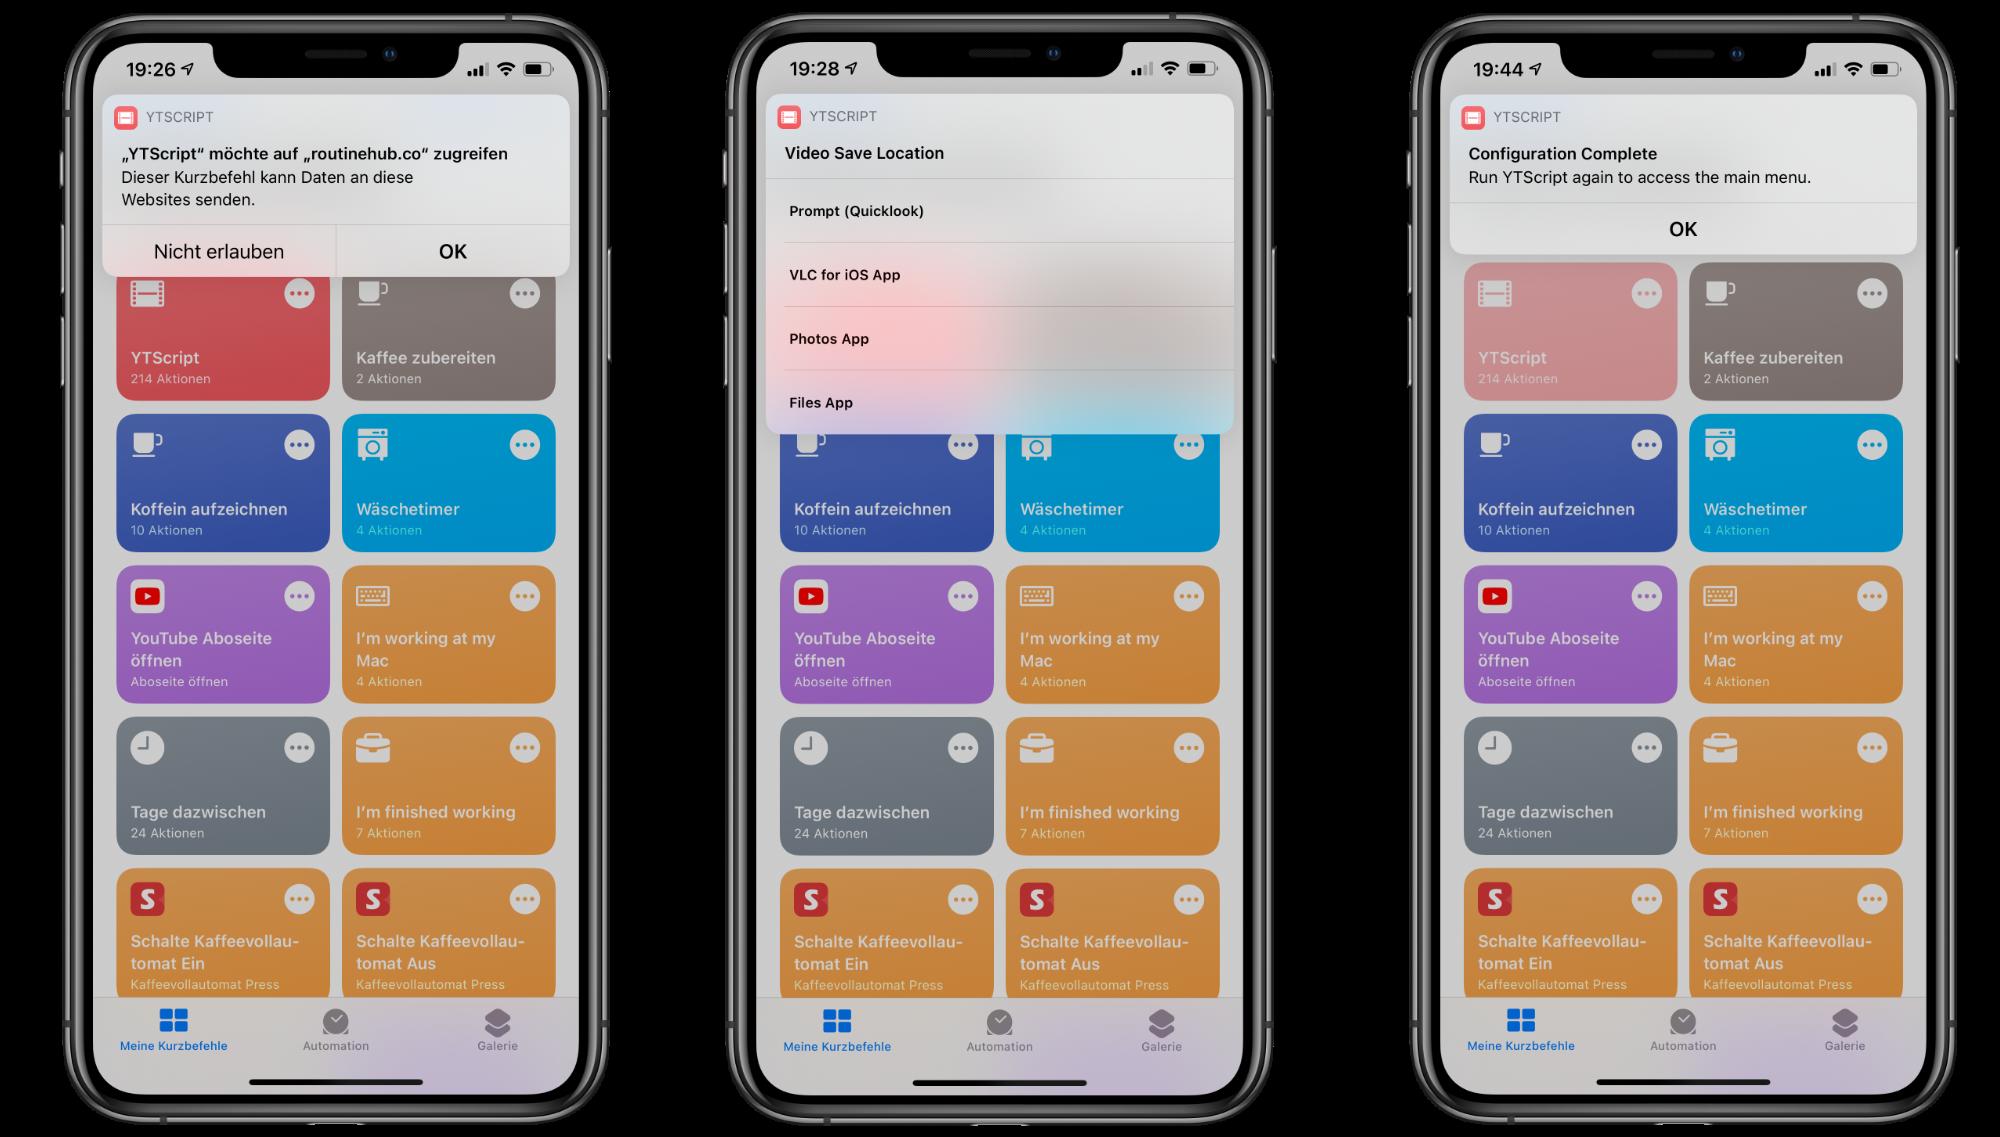 """22YTScript22-Kurzbefehl-lade-YouTube-Videos-als-VideoAudio-auf-dein-iPhoneiPad-herunter2 """"YTScript"""" Kurzbefehl - YouTube-Videos auf iPhone/iPad herunterladen"""